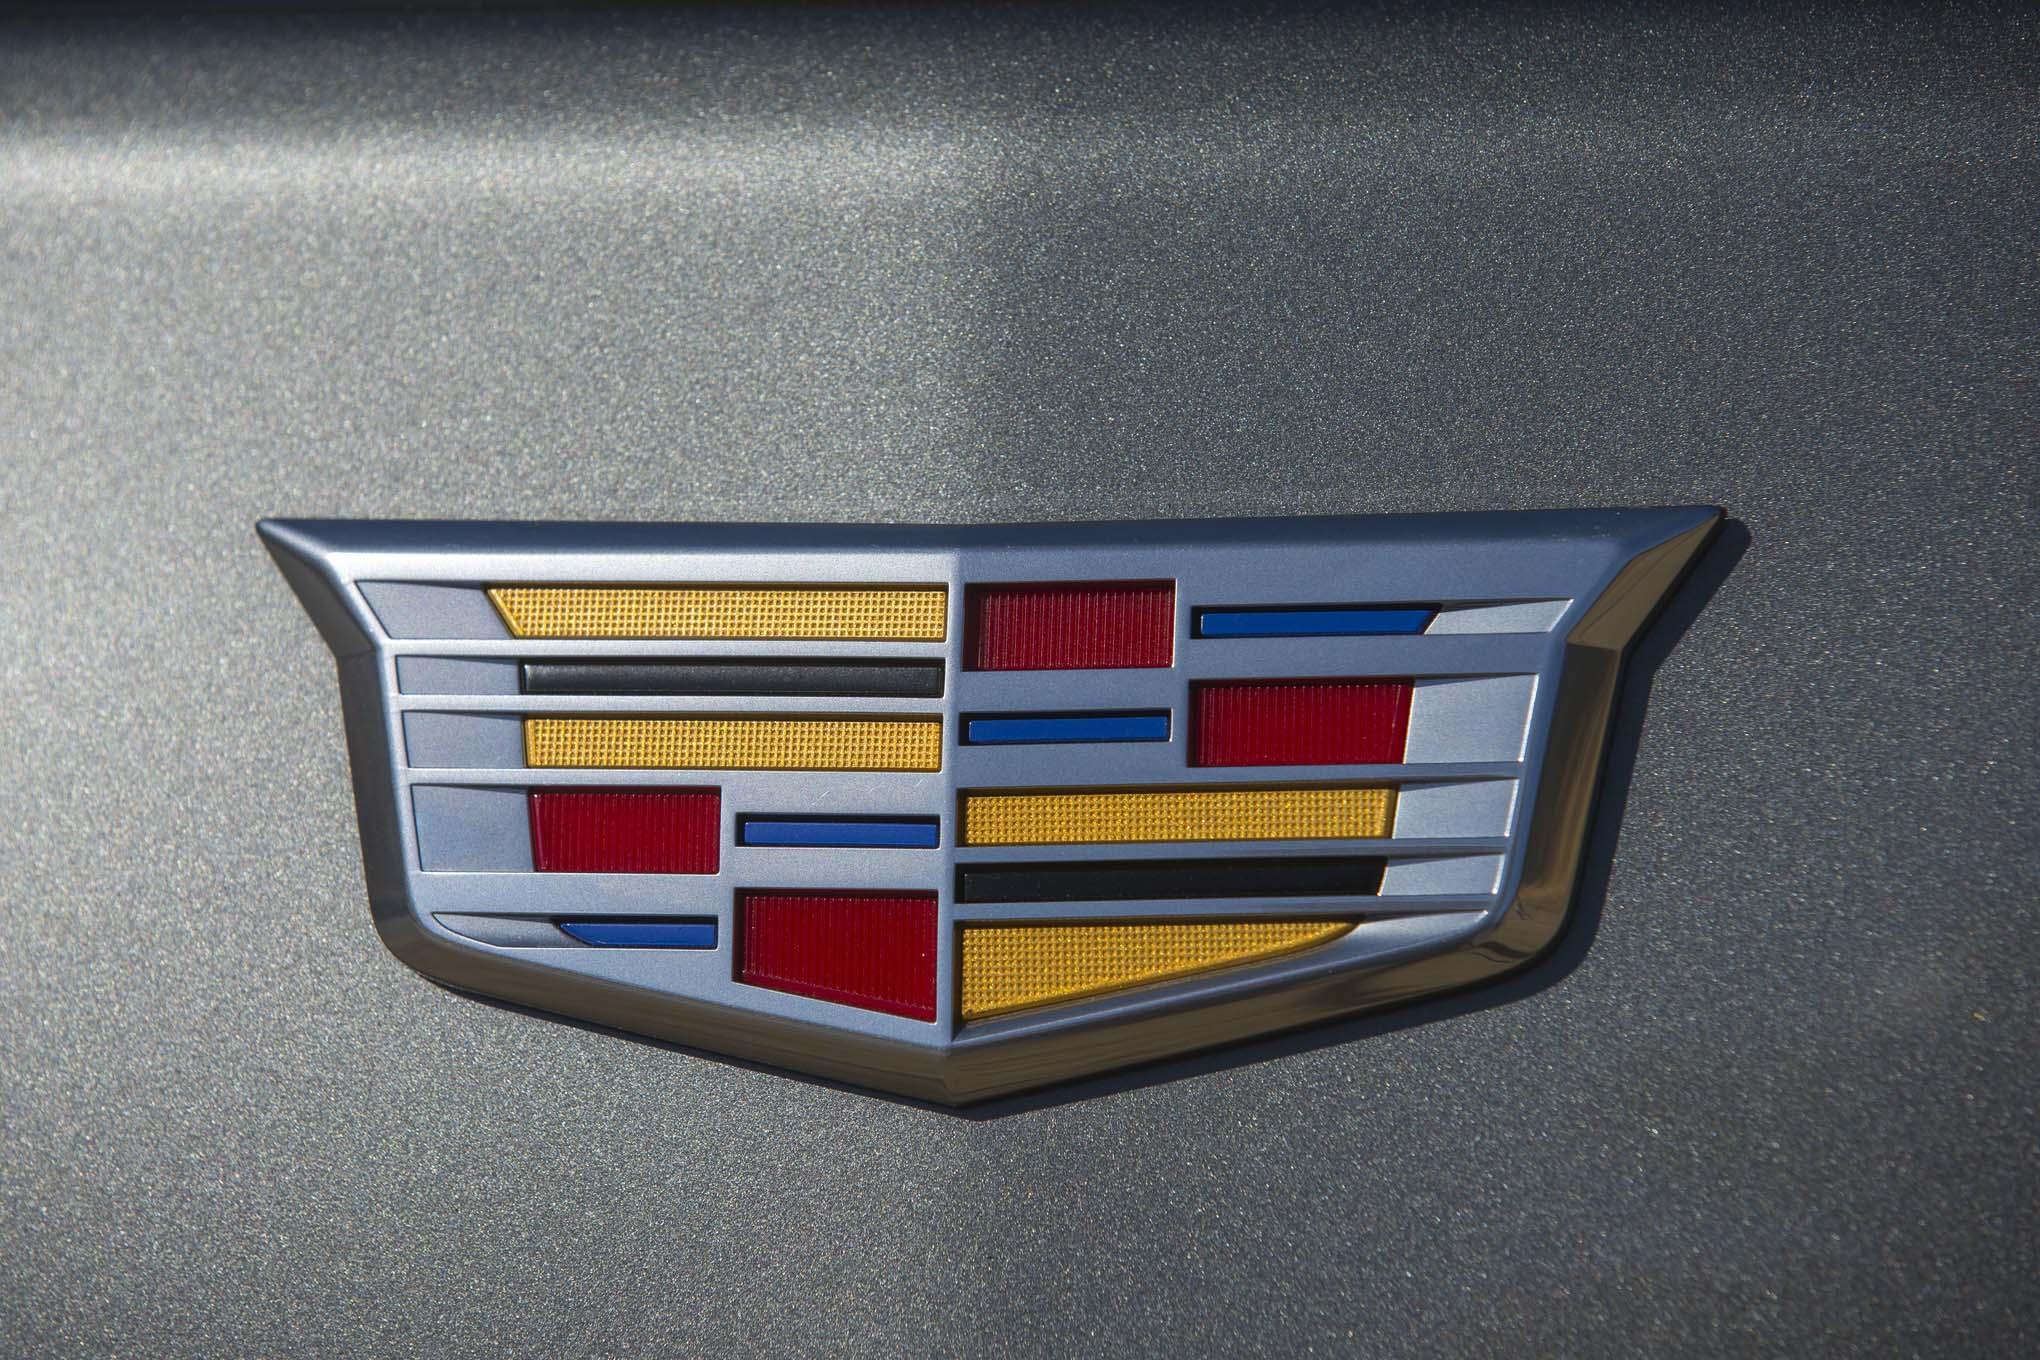 2017 Cadillac CT6 20T Badge 02 128